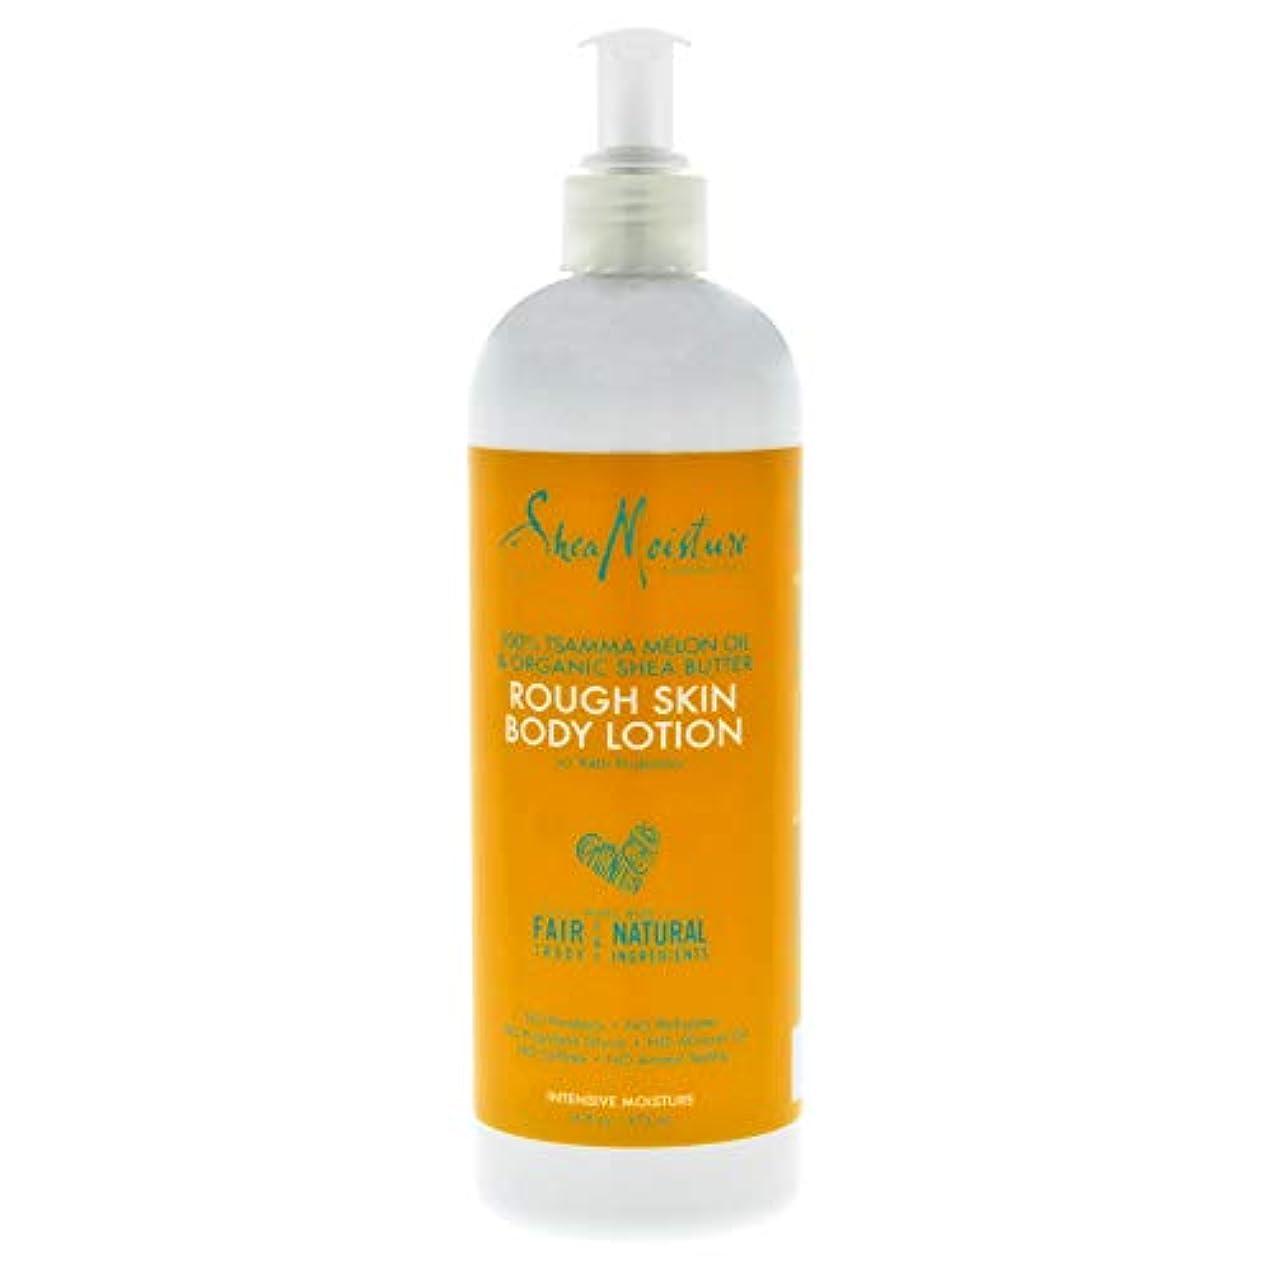 サンダルお父さん染色100% Tsamma Melon Oil & Organic Shea Butter Rough Skin Body Lotion